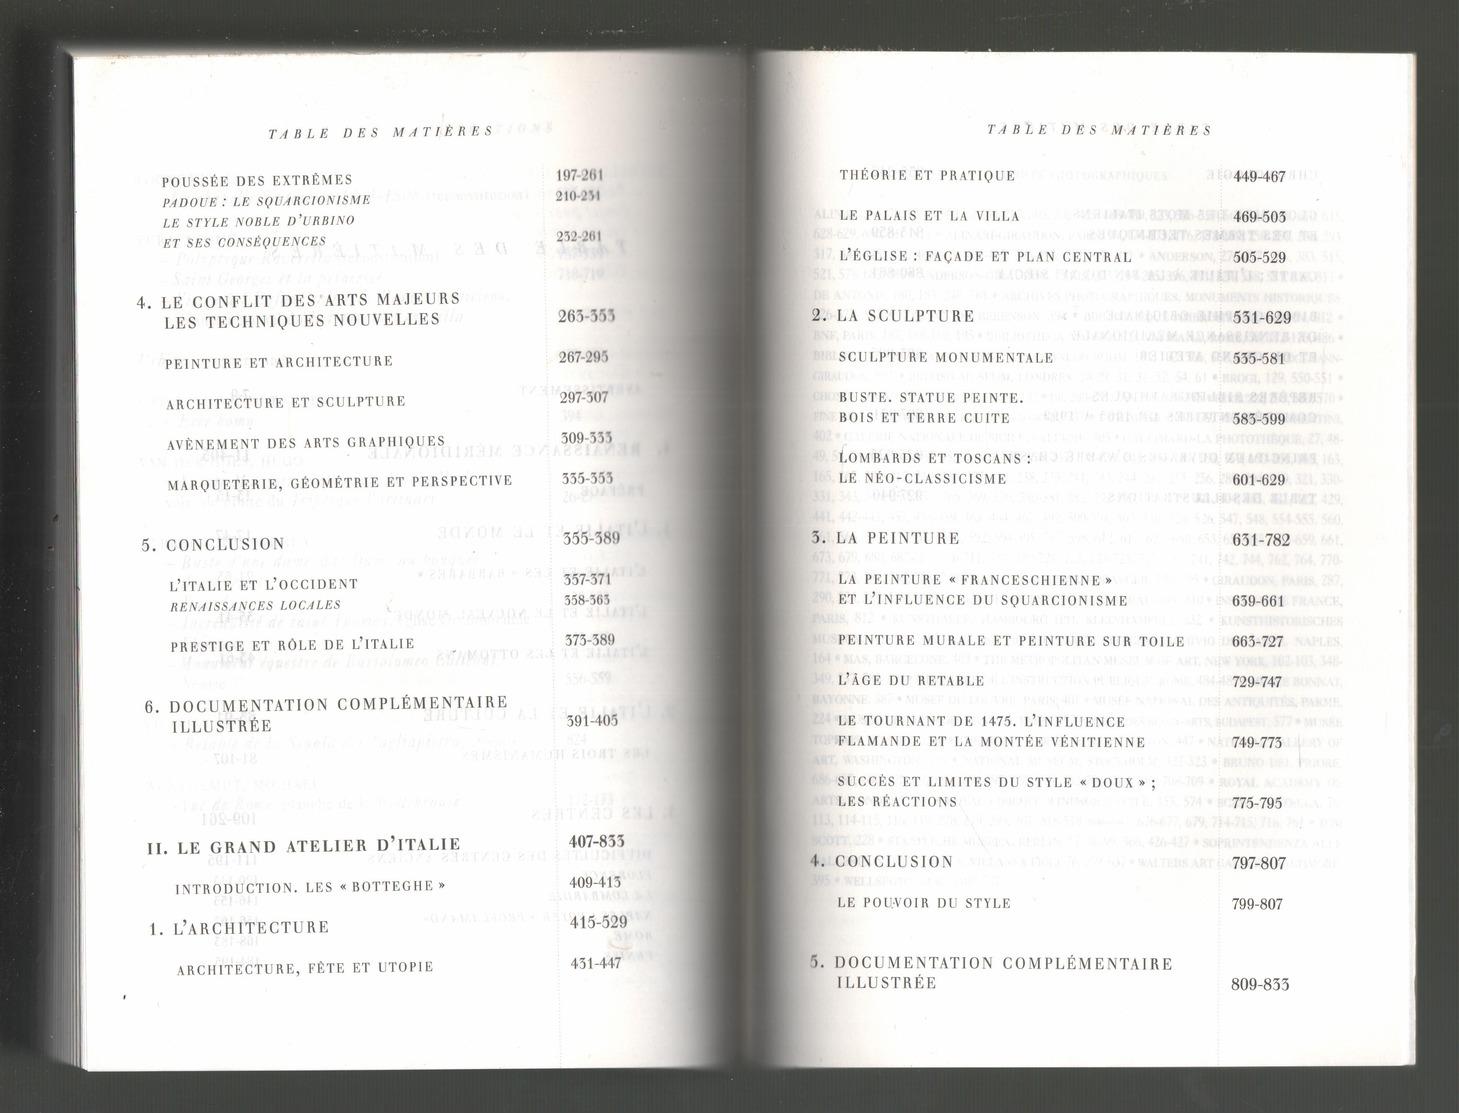 CHASTEL - RENAISSANCE ITALIENNE 1460-1500 - 1999 - Historia